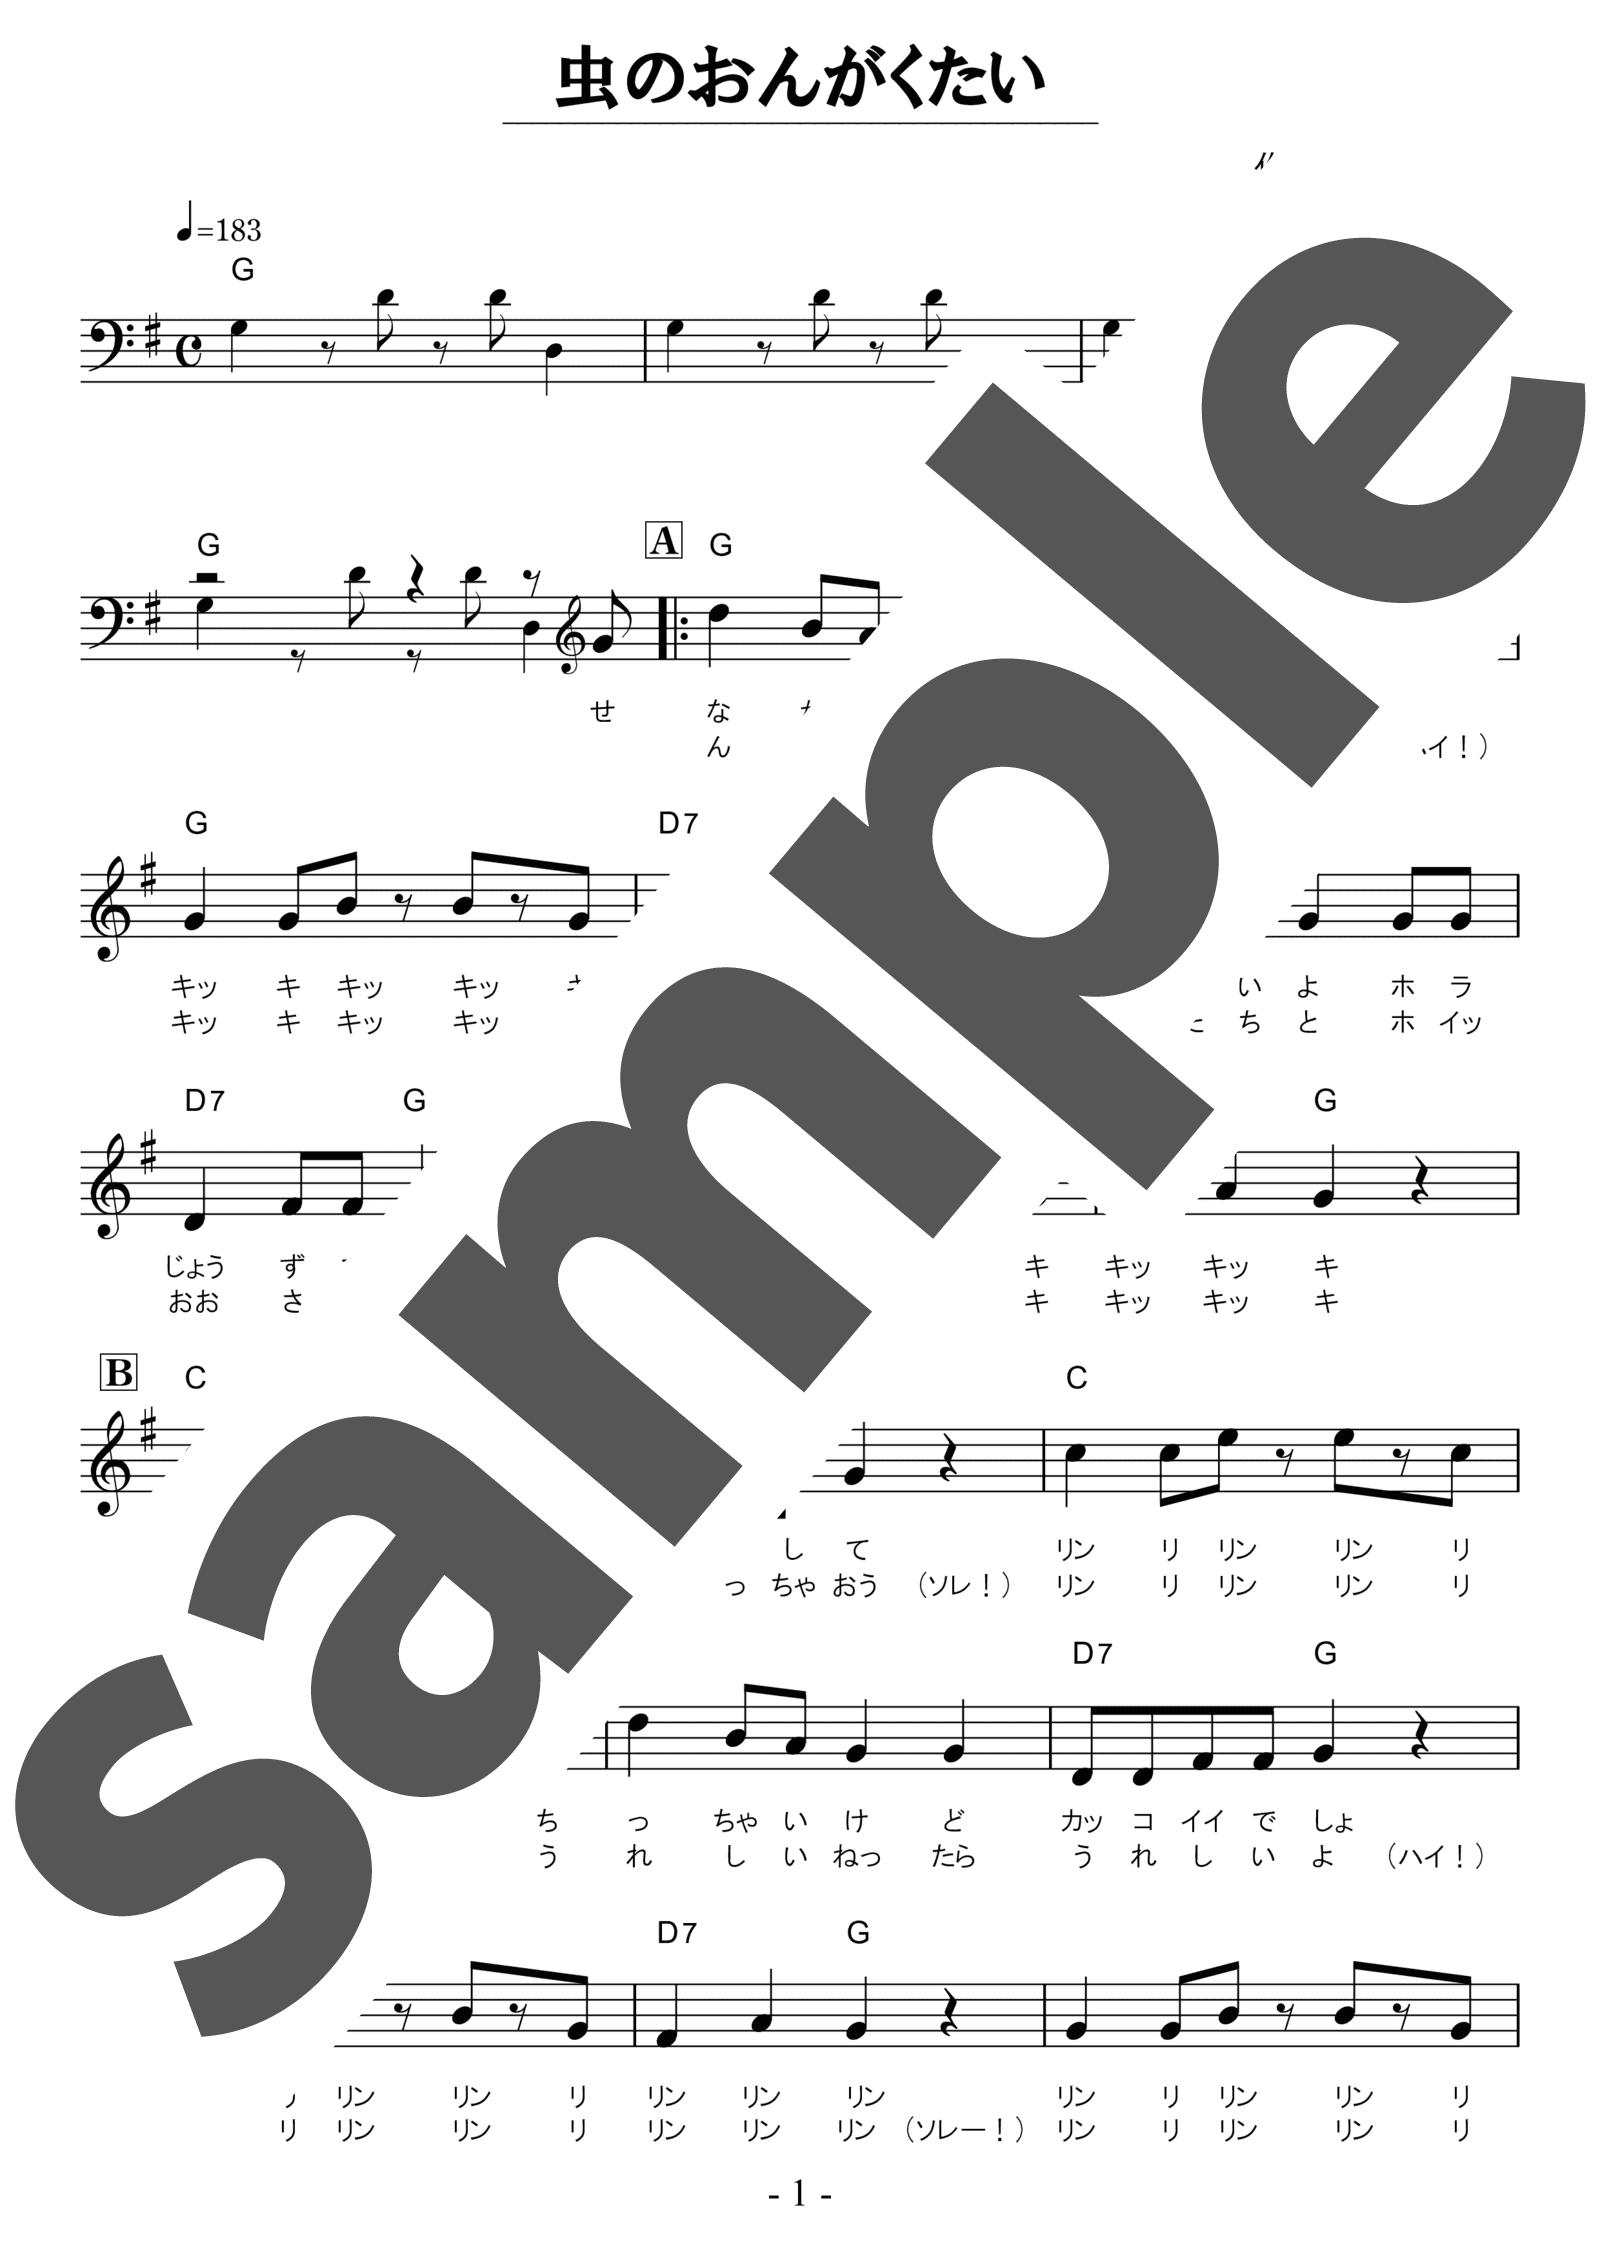 「虫のおんがくたい」のサンプル楽譜